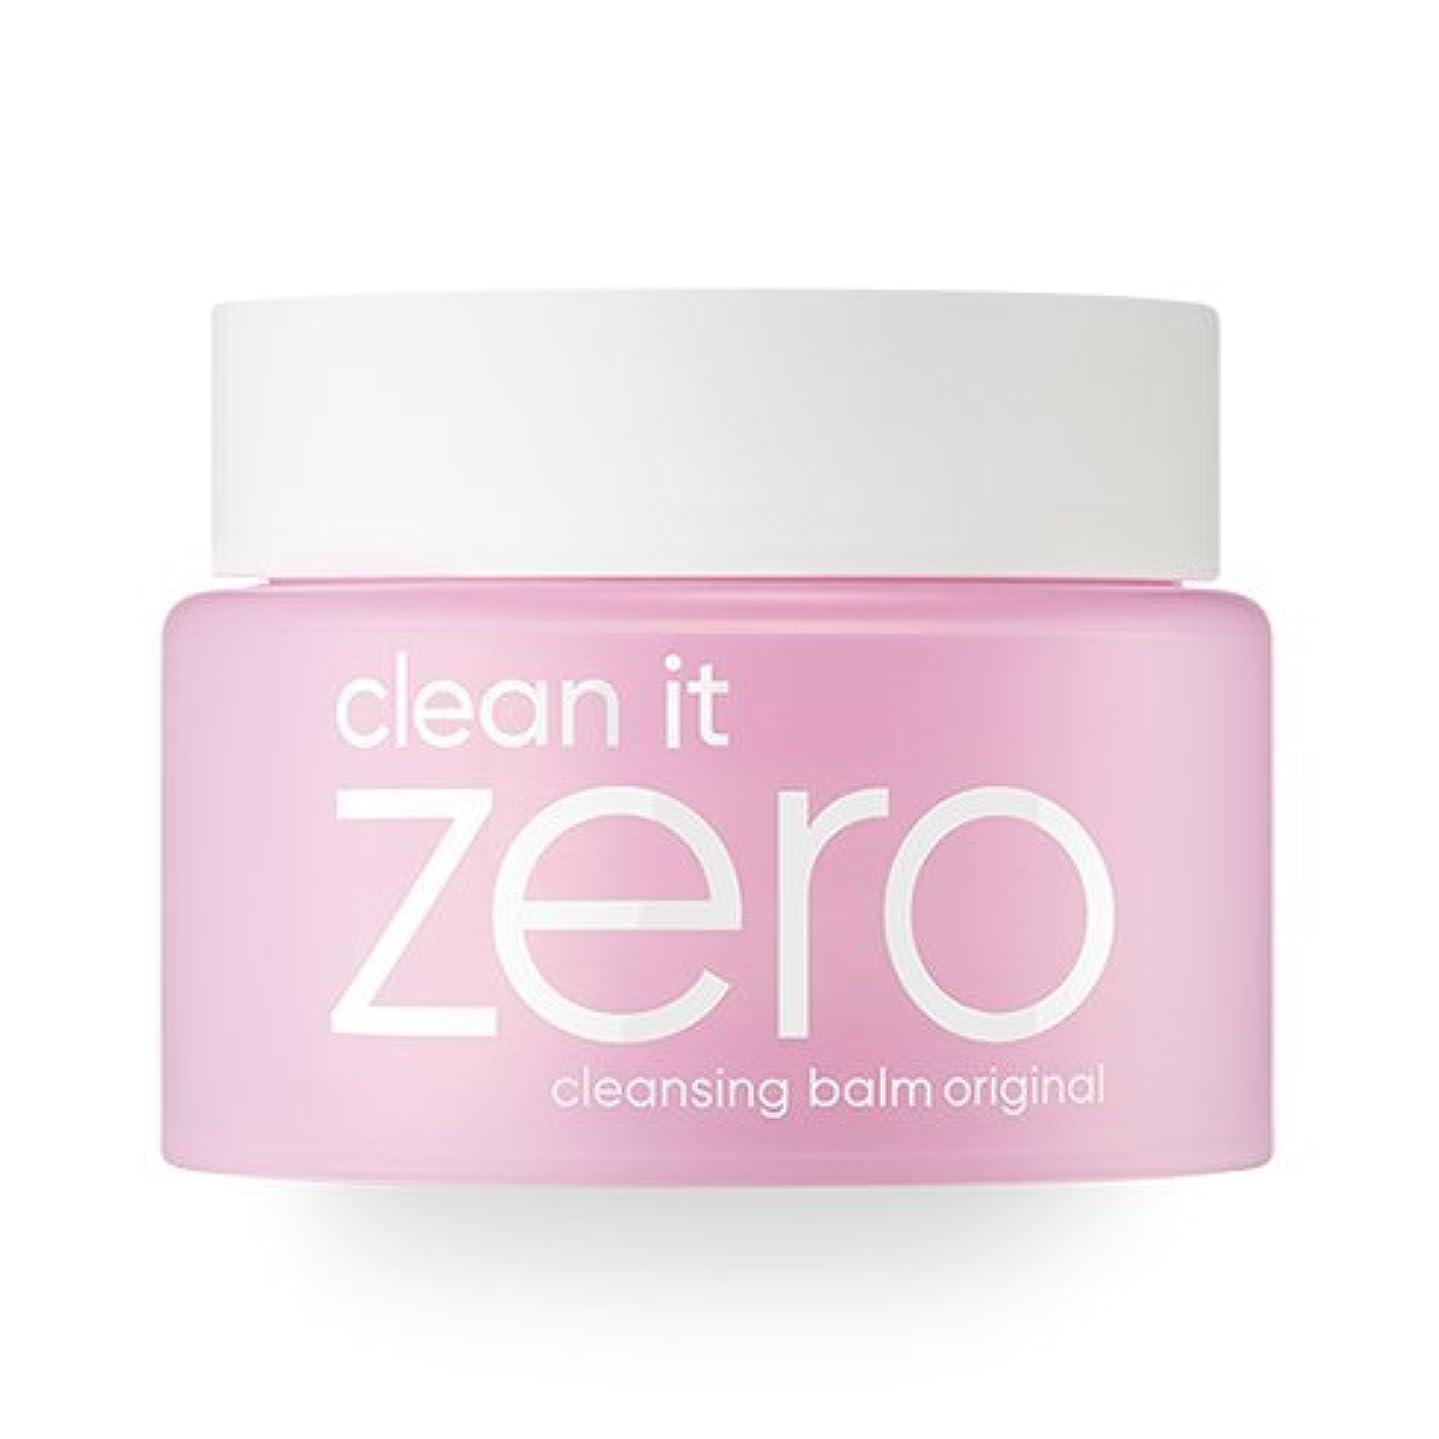 引き金落ち着いたソーシャル[2018 Renewal] BANILA CO Clean It Zero Cleansing Balm/バニラコ クリーン イット ゼロ クレンジング バーム (#Original 100ml) [並行輸入品]